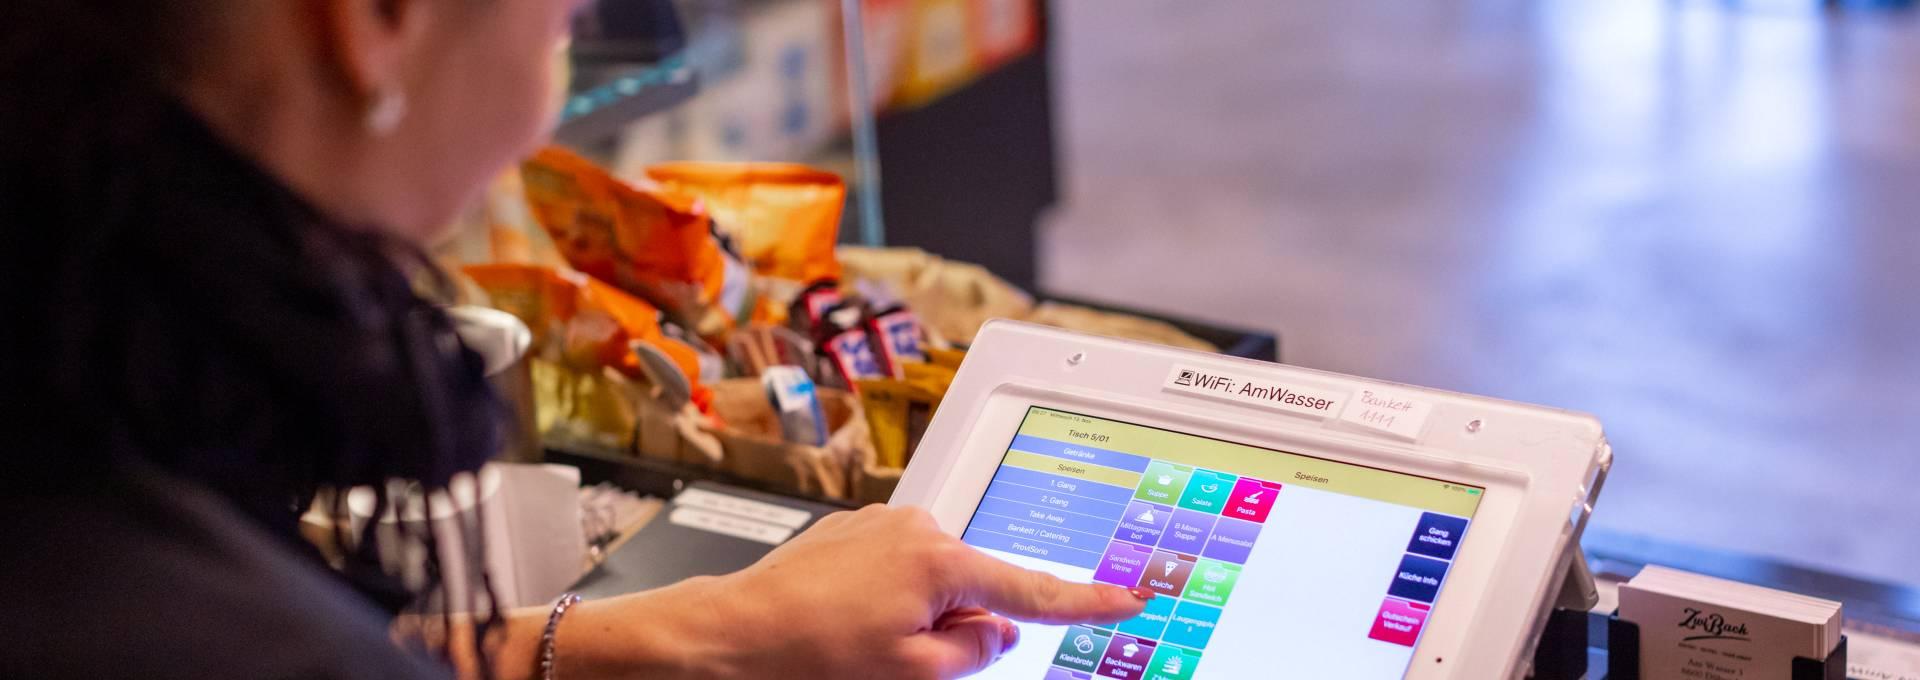 Das Bild zeigt den Einsatz von Gastrofix in der Praxis auf einem iPad